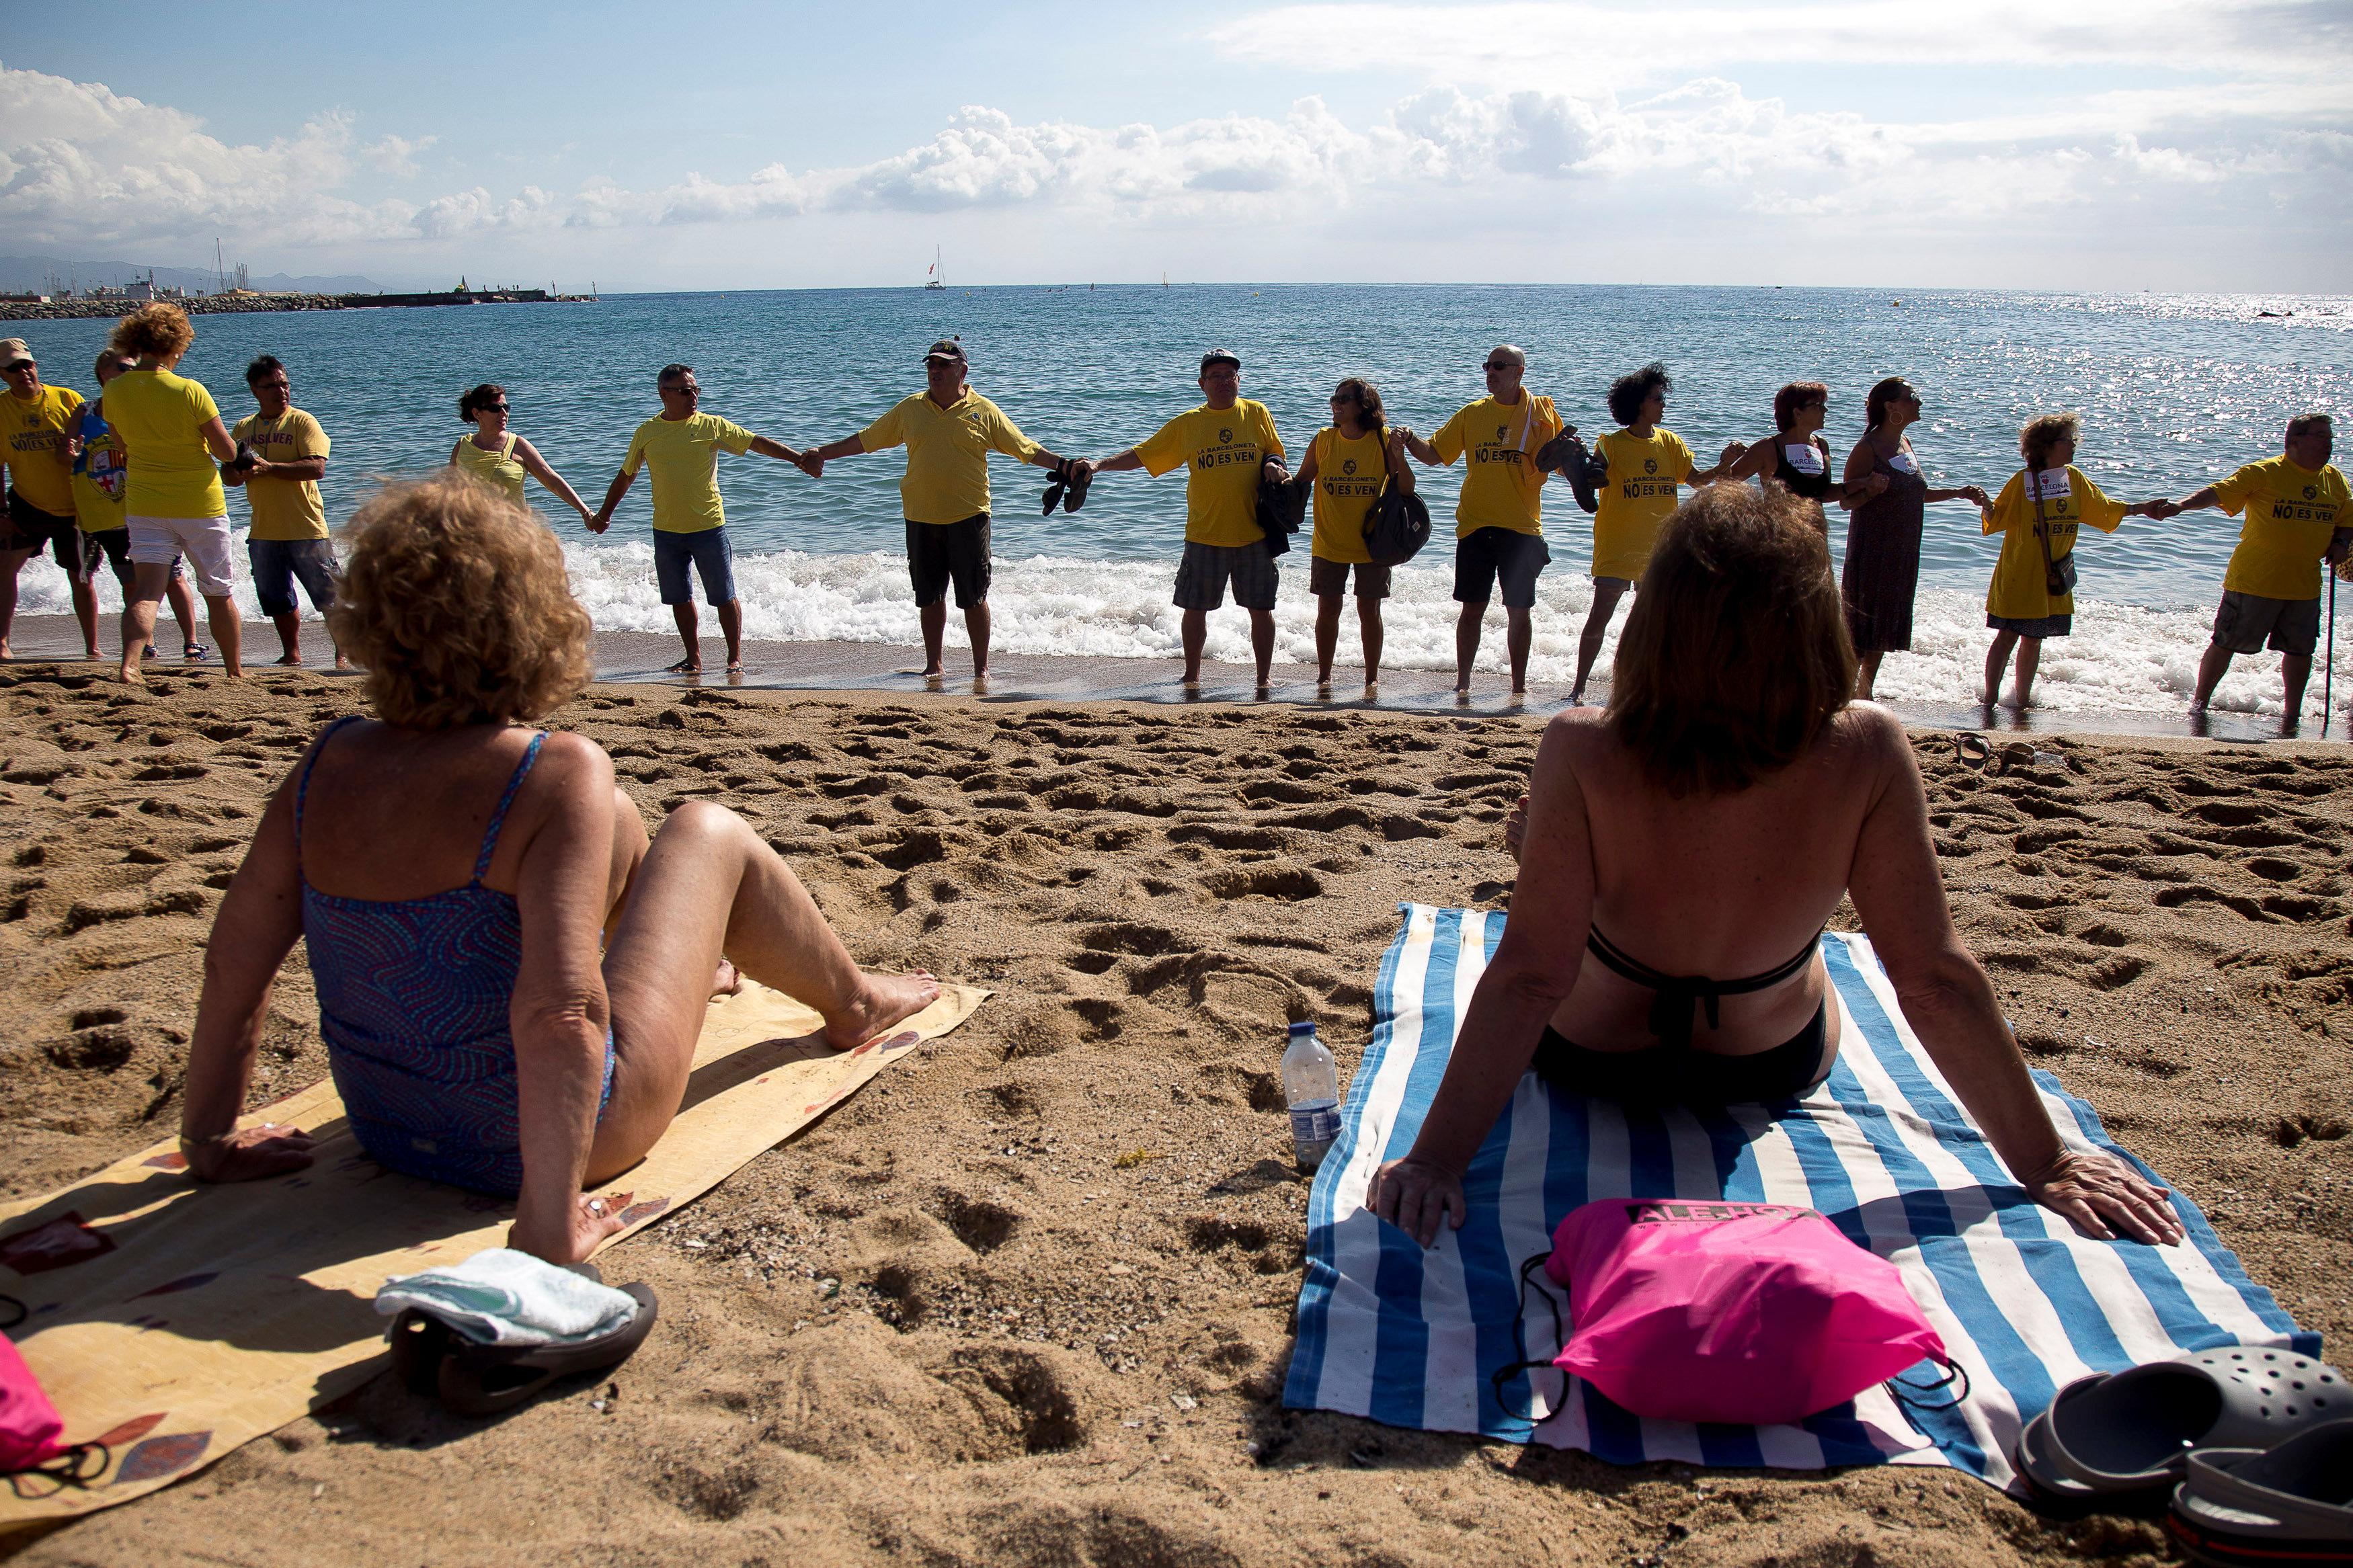 المتظاهرين على شواطئ برشلونة